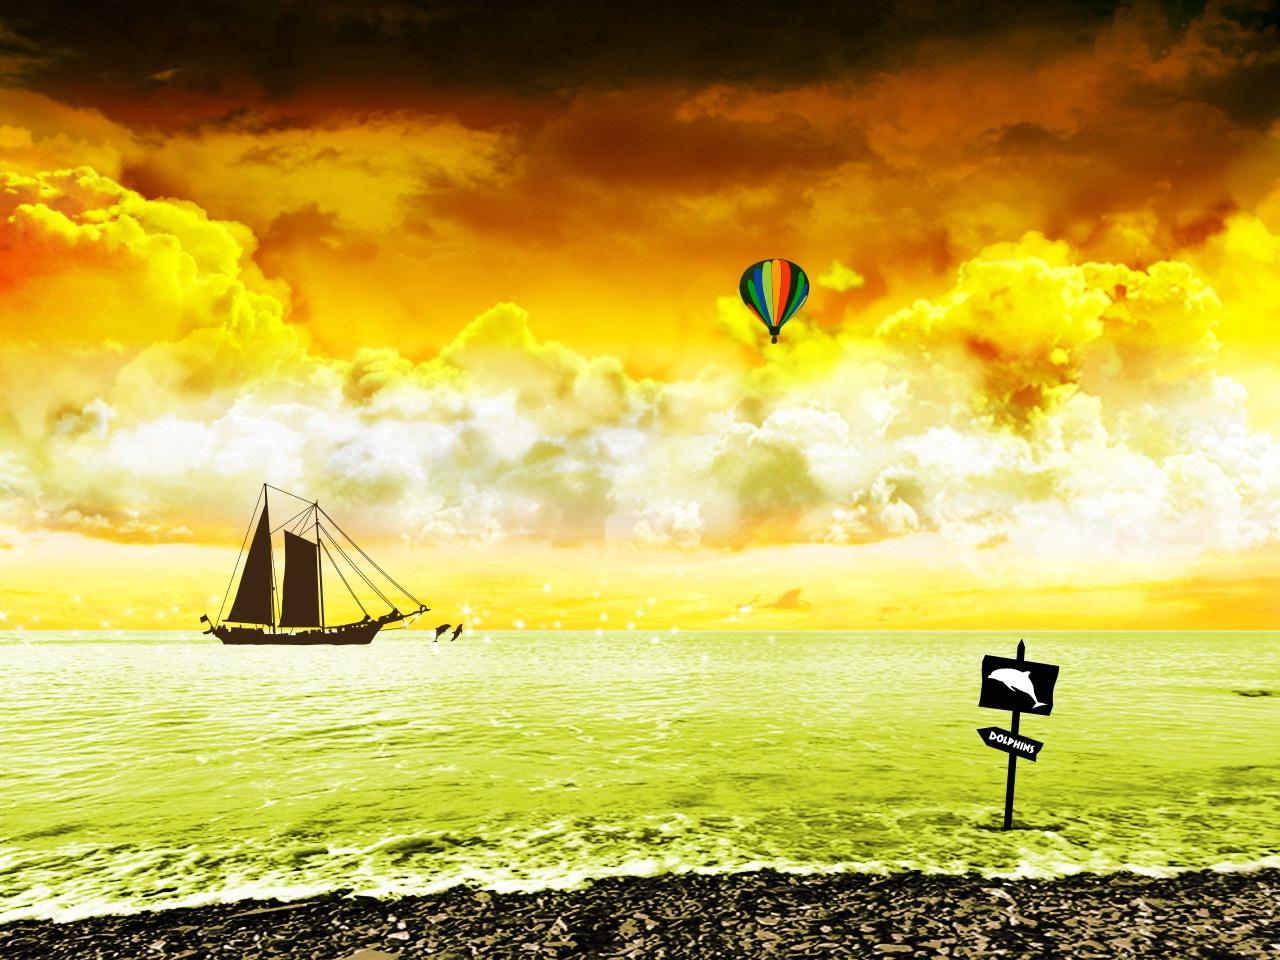 рисунок, море, скачтаь обои, для рабочего стола